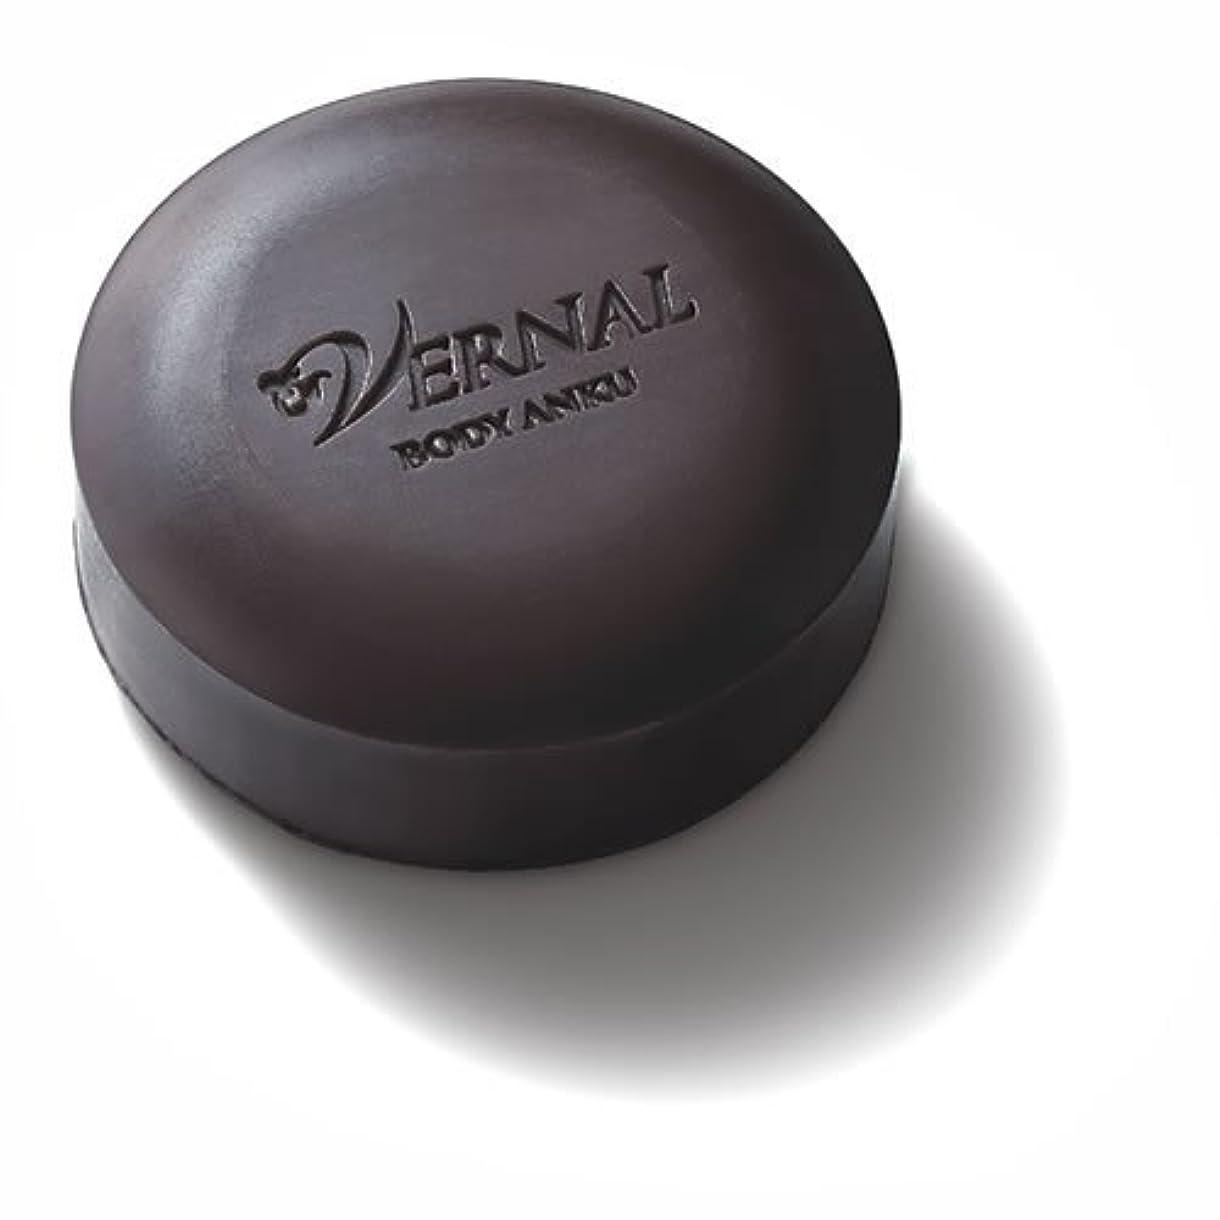 作物インスタント対象ボディアンク/ヴァーナル ボディ用 石鹸 デオドラント